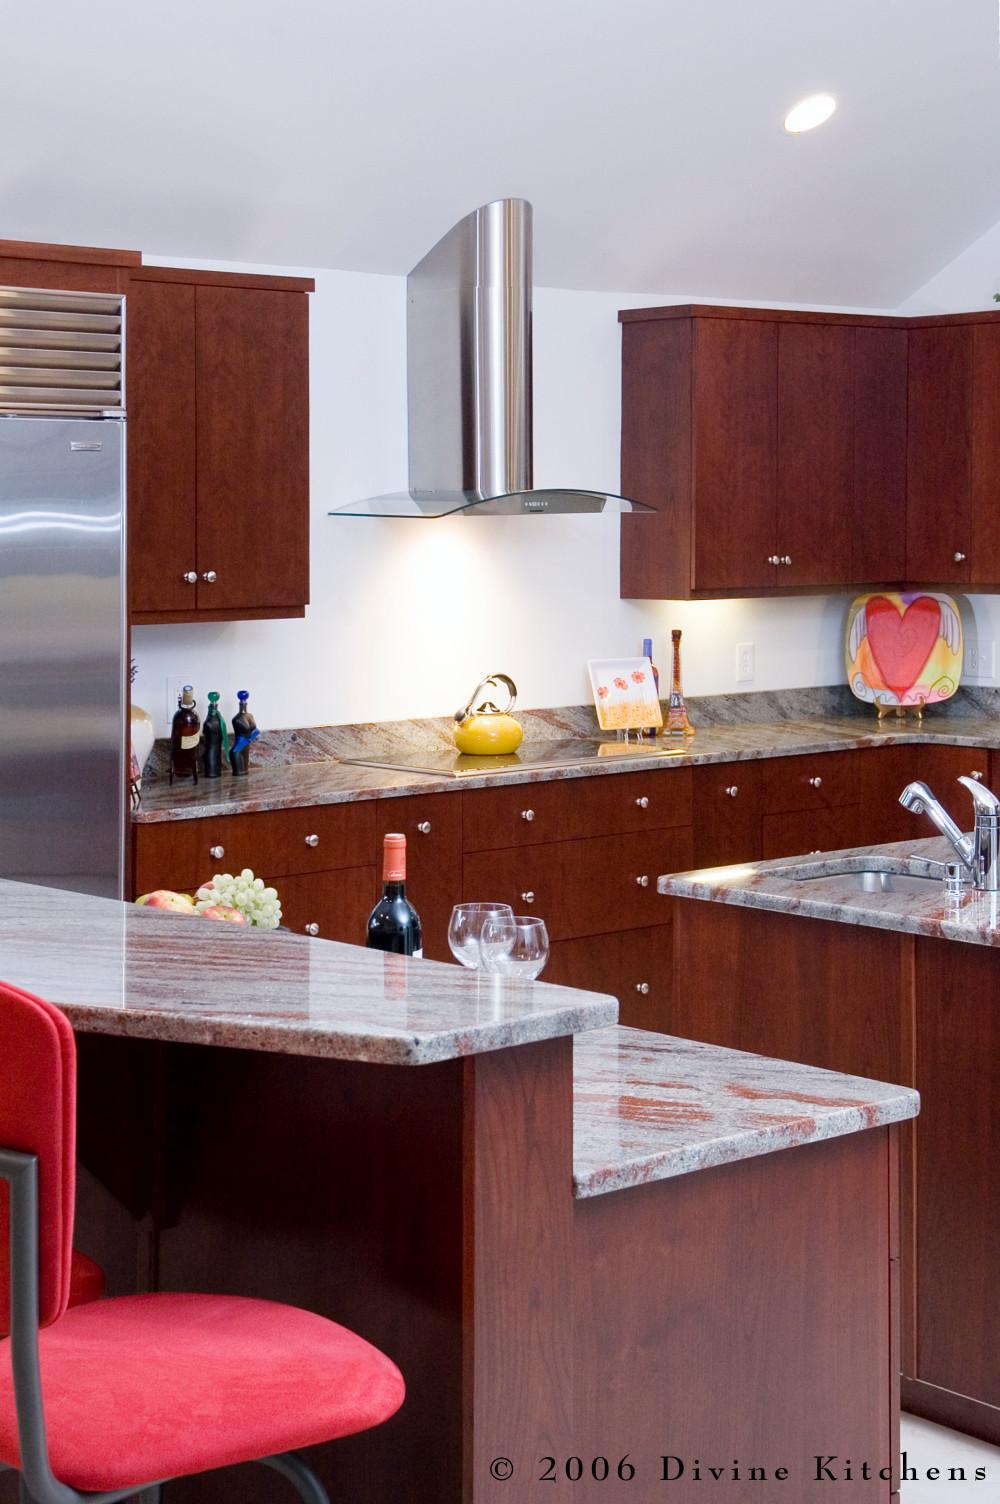 Surprising Boston Metrowest Modern Contemporary Cherry Kitchen Divine Home Interior And Landscaping Sapresignezvosmurscom